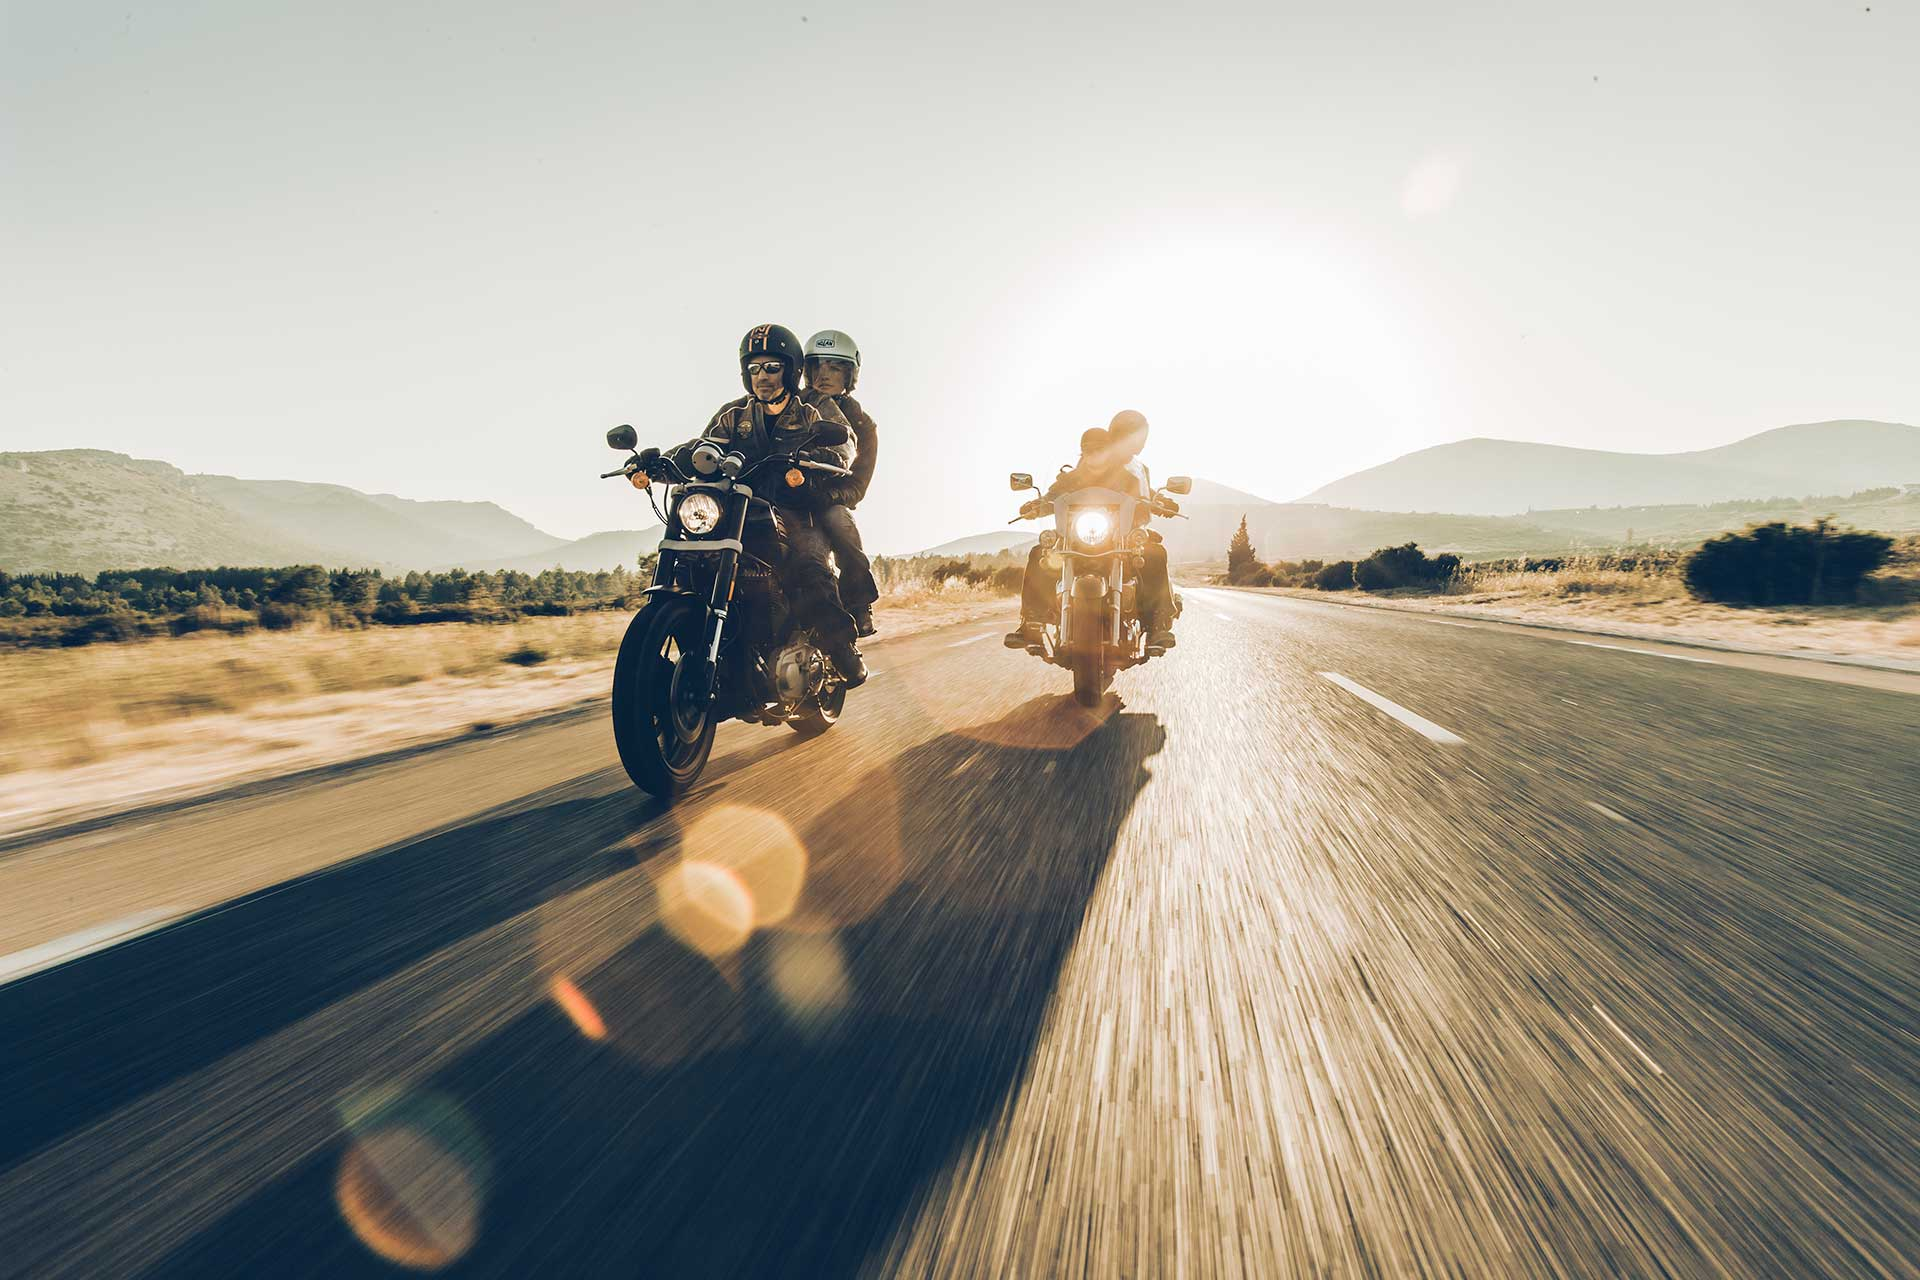 Cruiser Motorrad Fotograf Sport Aktion Abenteuer Reise Enduro Schweiz Zürich